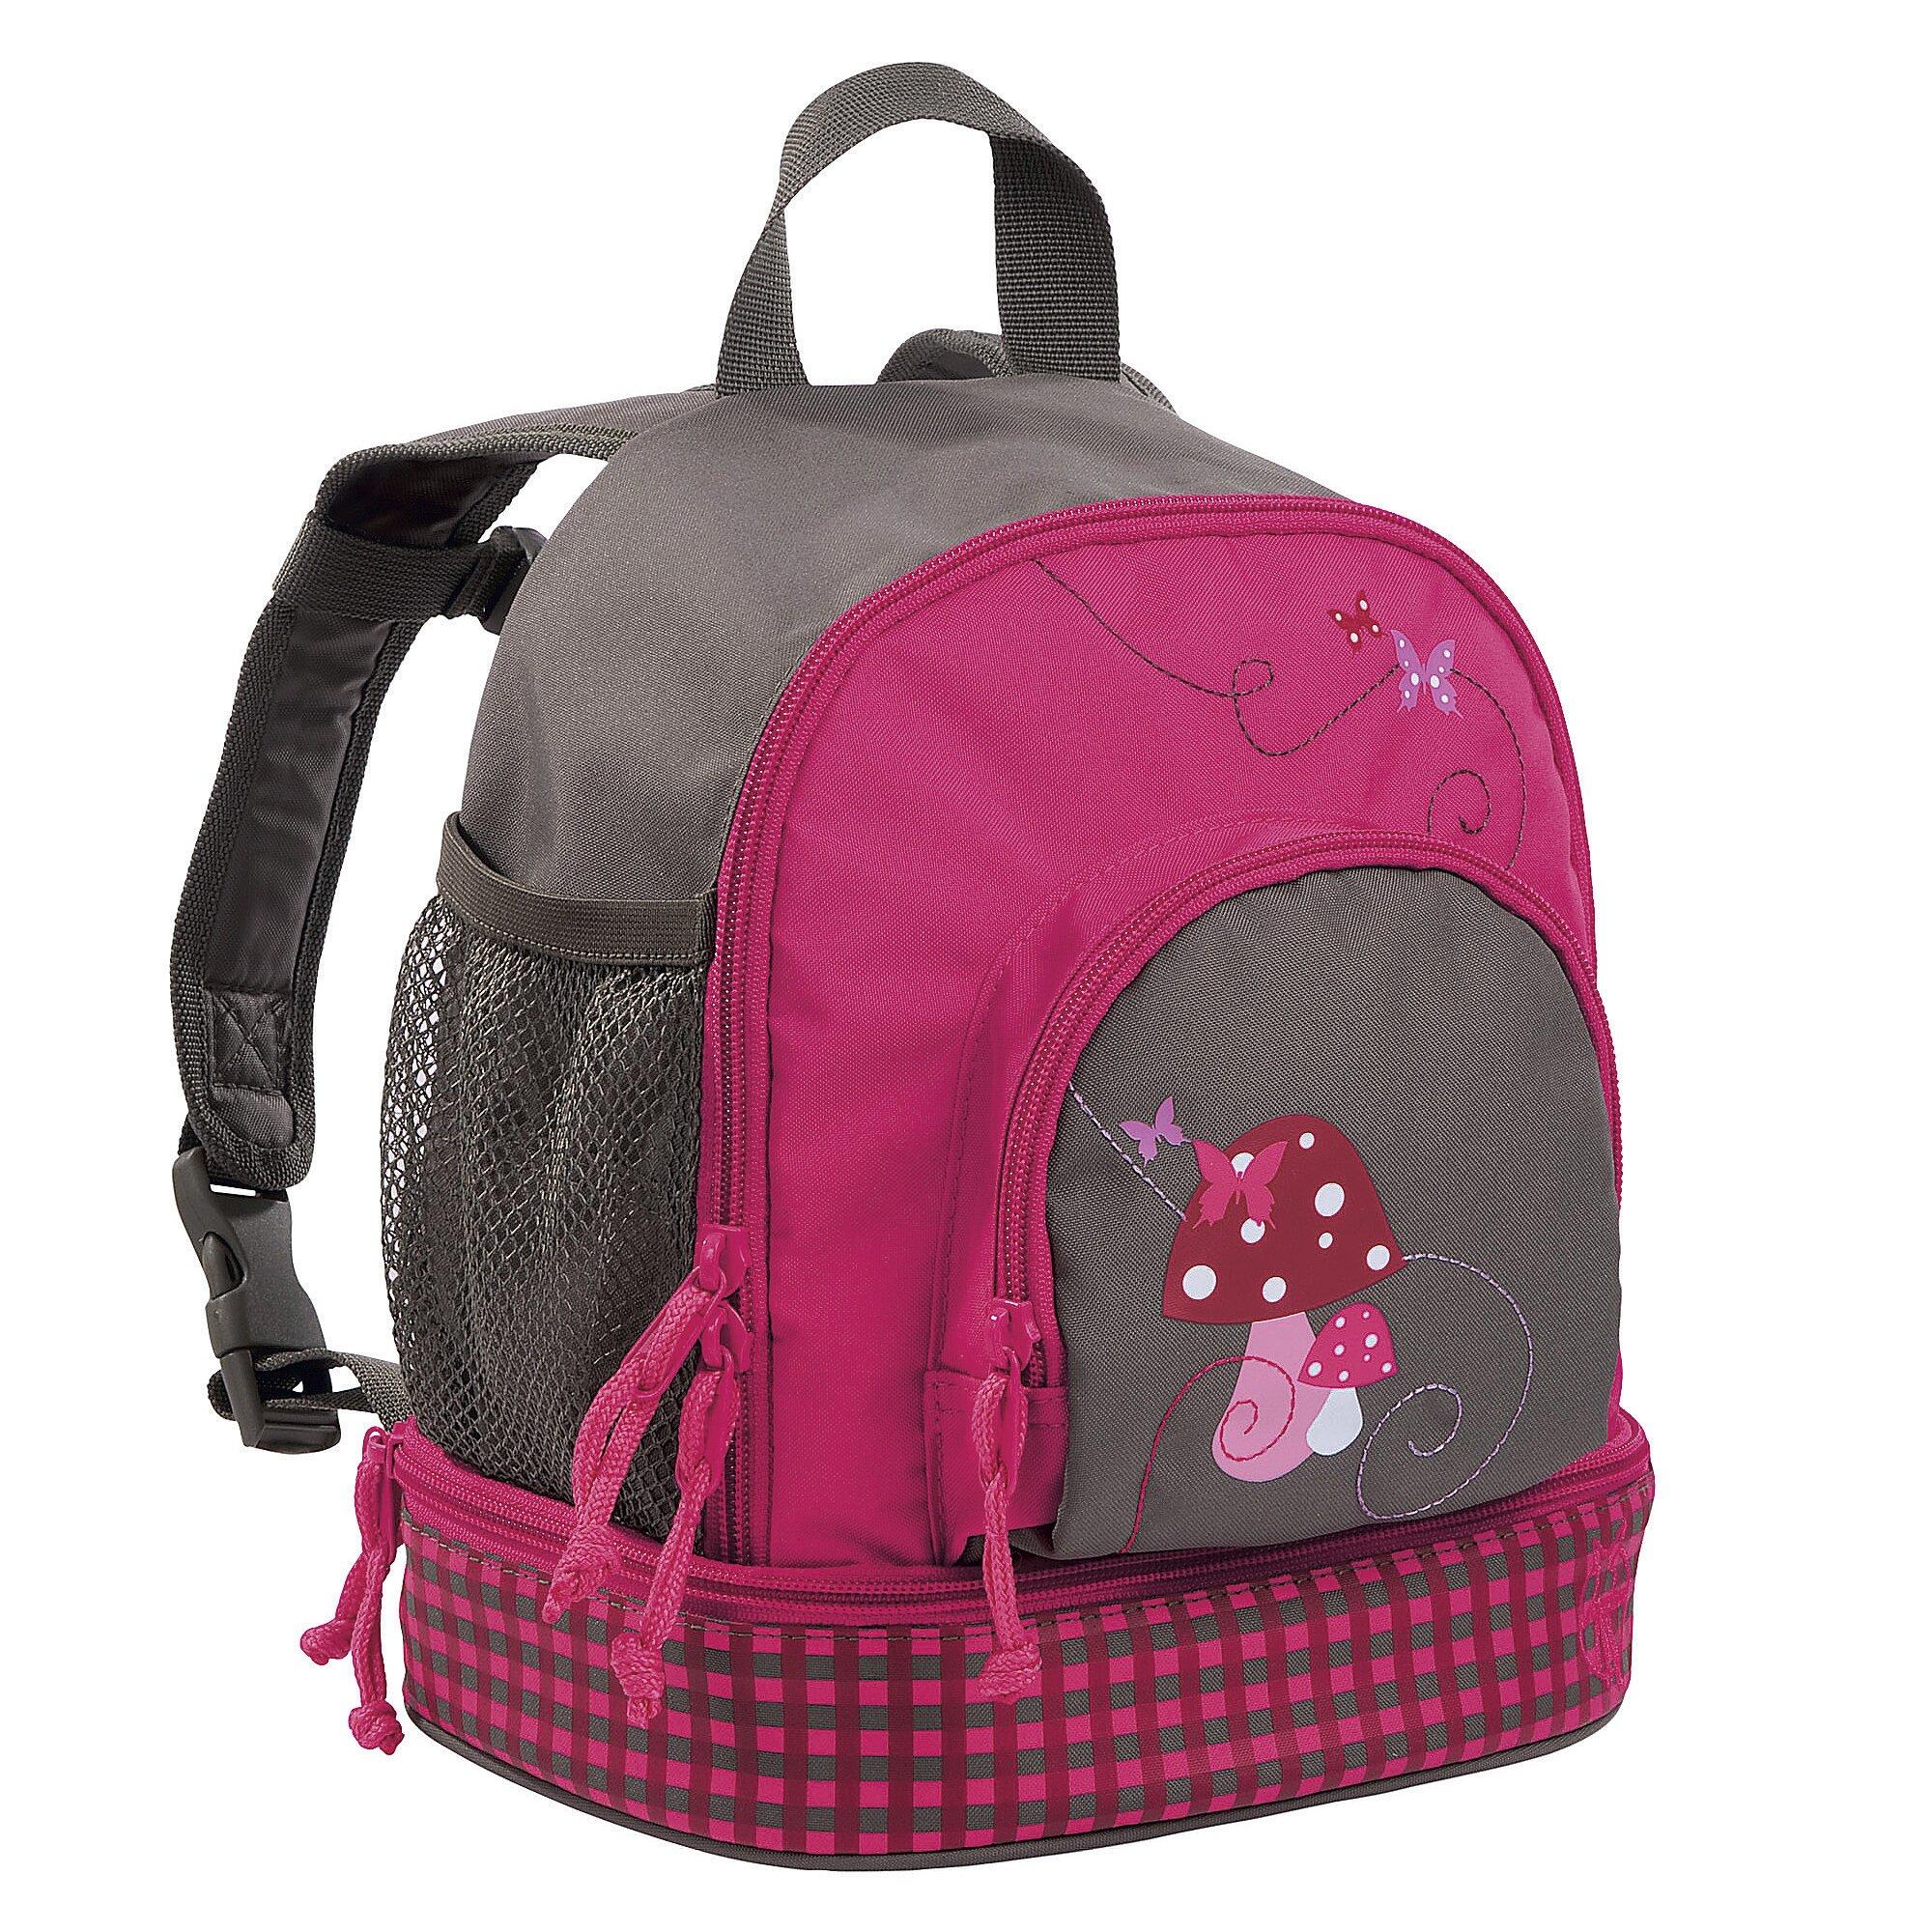 4kids-mini-backpack-mushroom-magenta